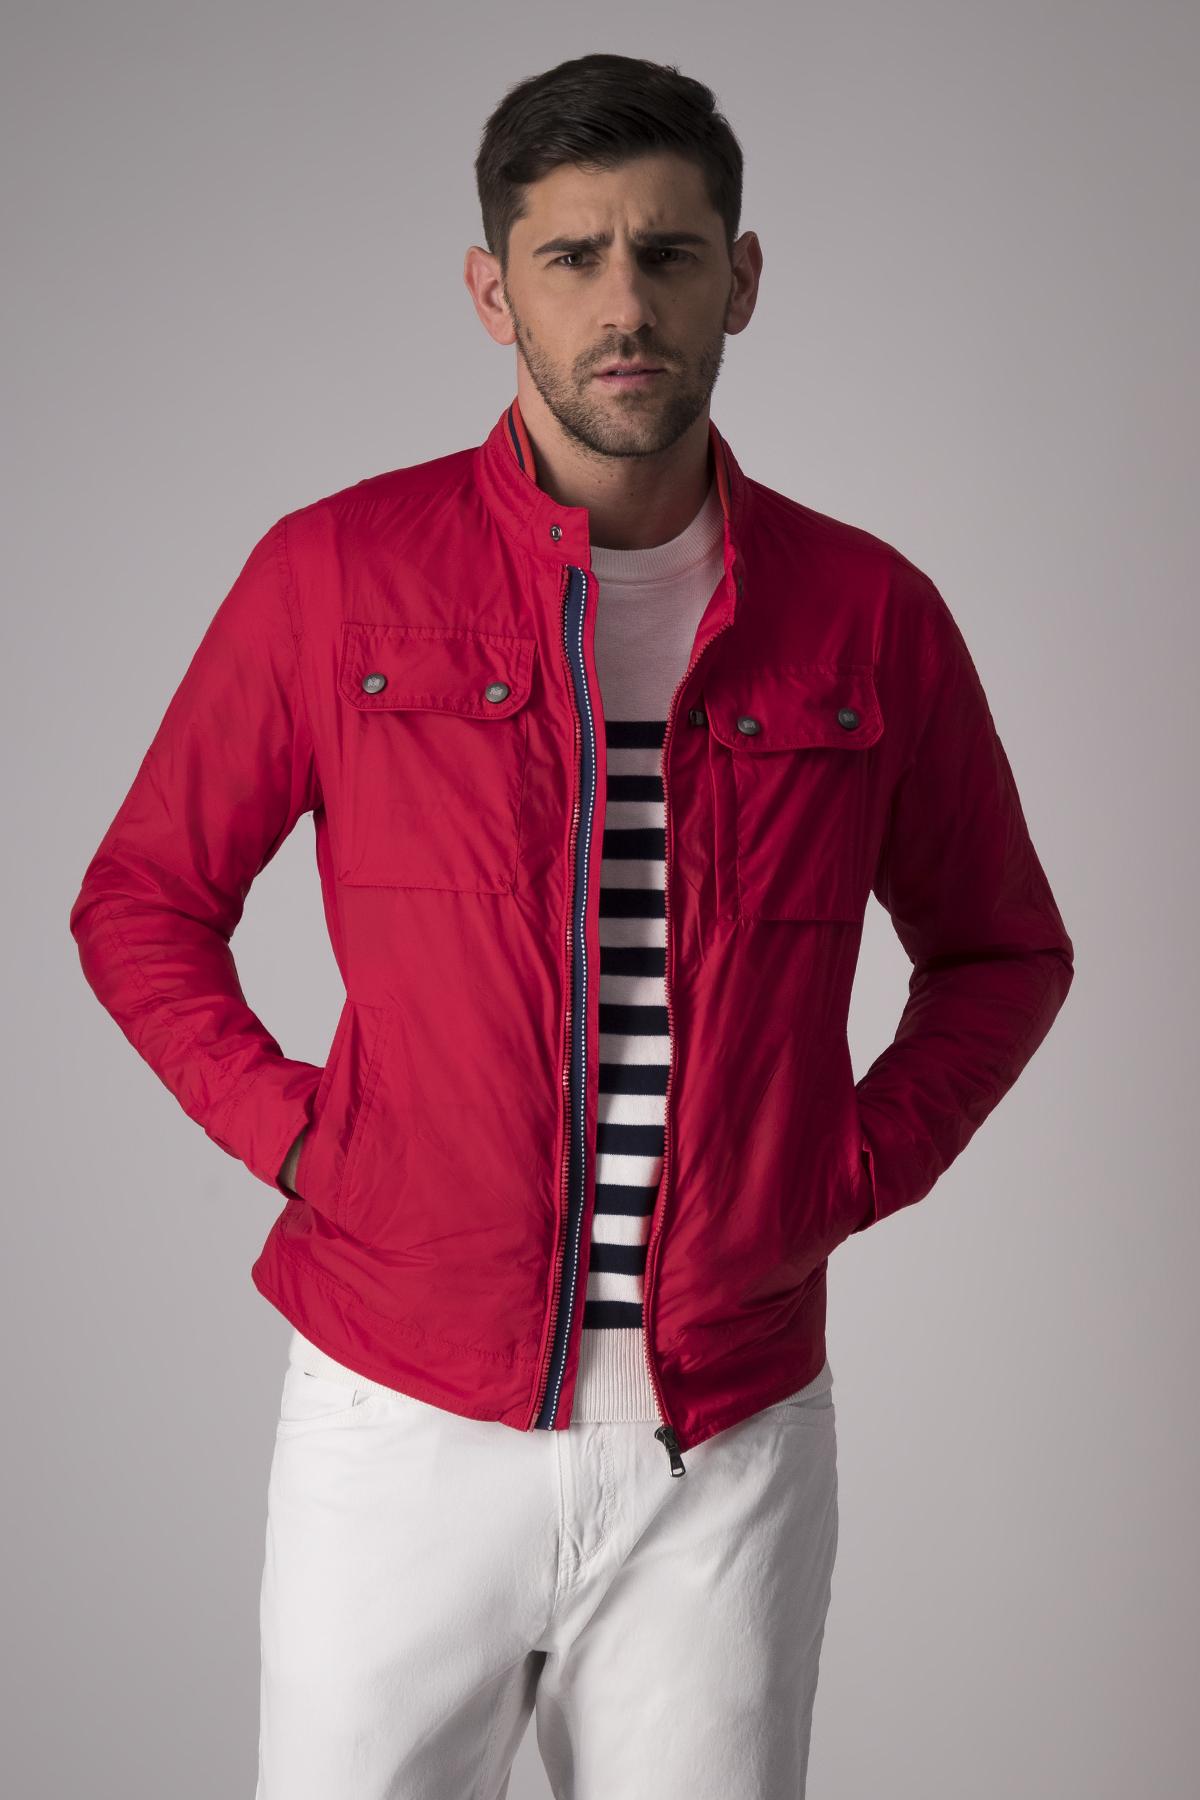 Chamarra Robert´s corta color rojo, con cierre frontal.